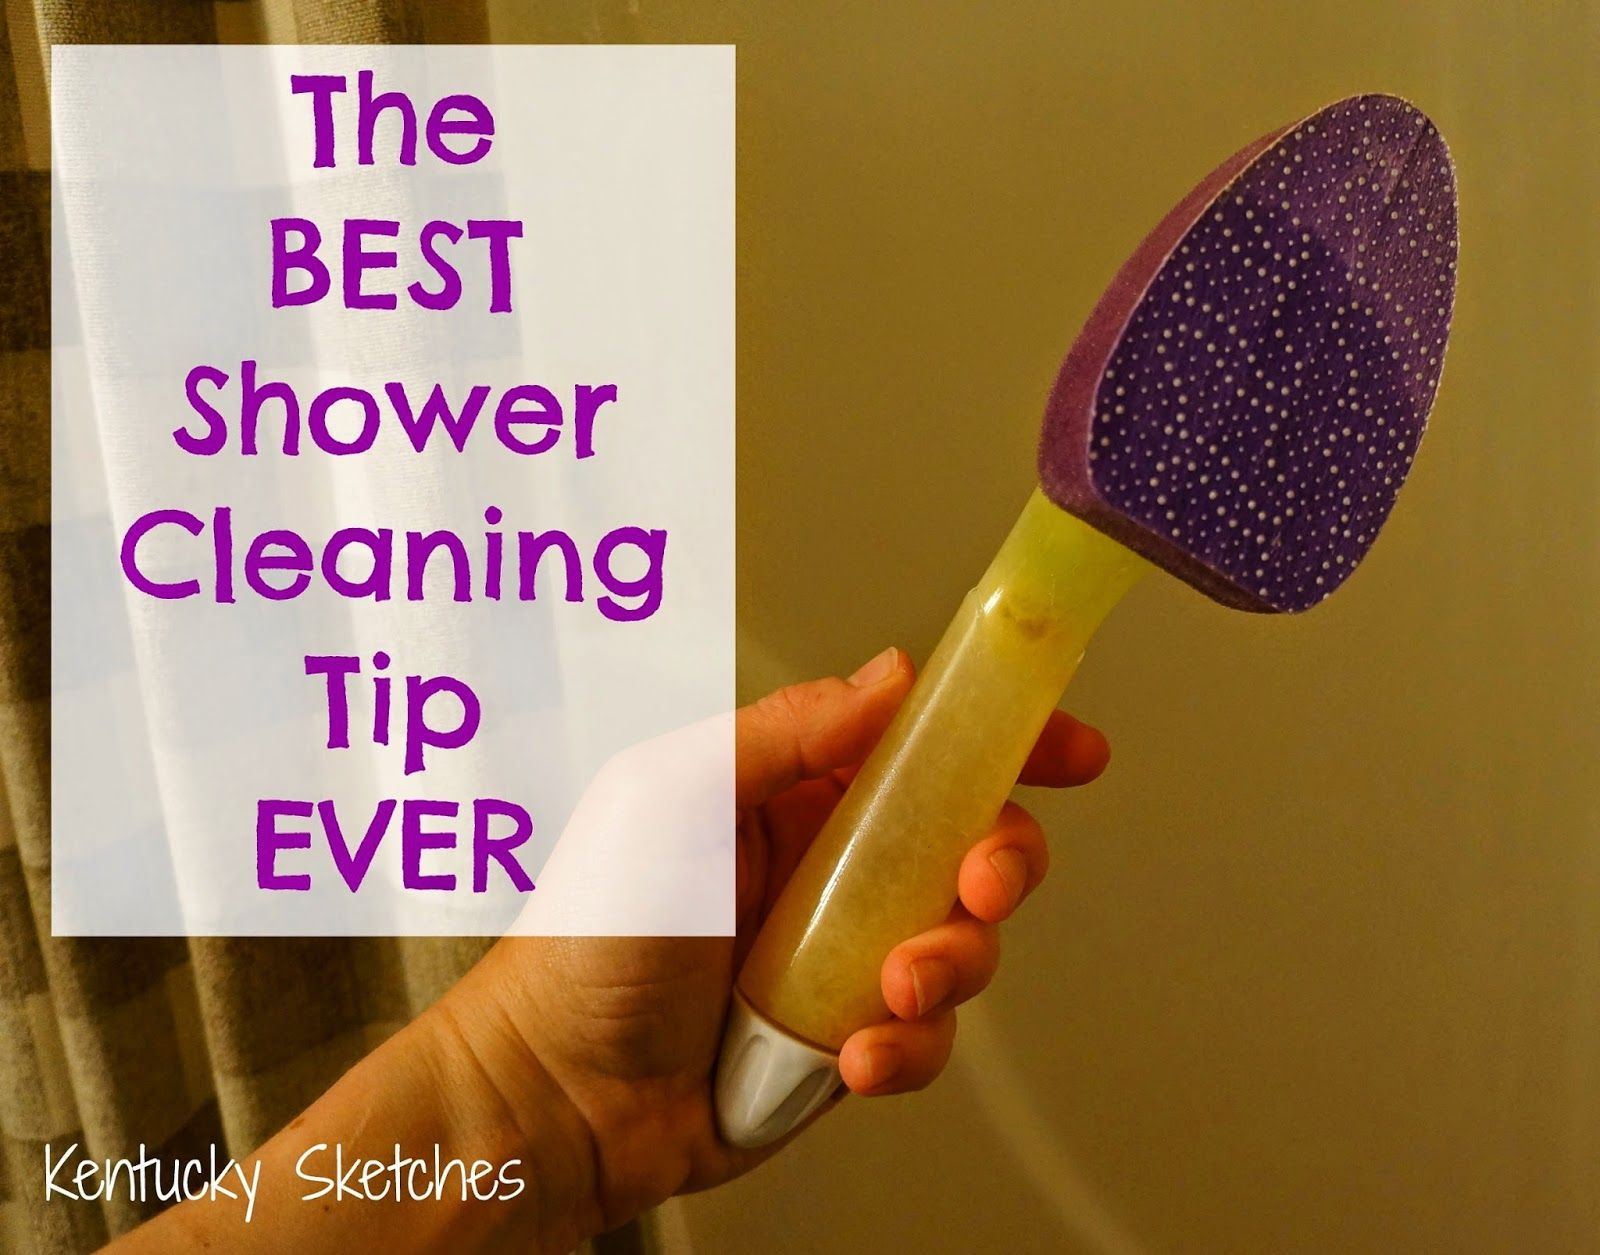 die besten 25 duschreinigungstipps ideen auf pinterest glasreinigung duscht r reinigung und. Black Bedroom Furniture Sets. Home Design Ideas